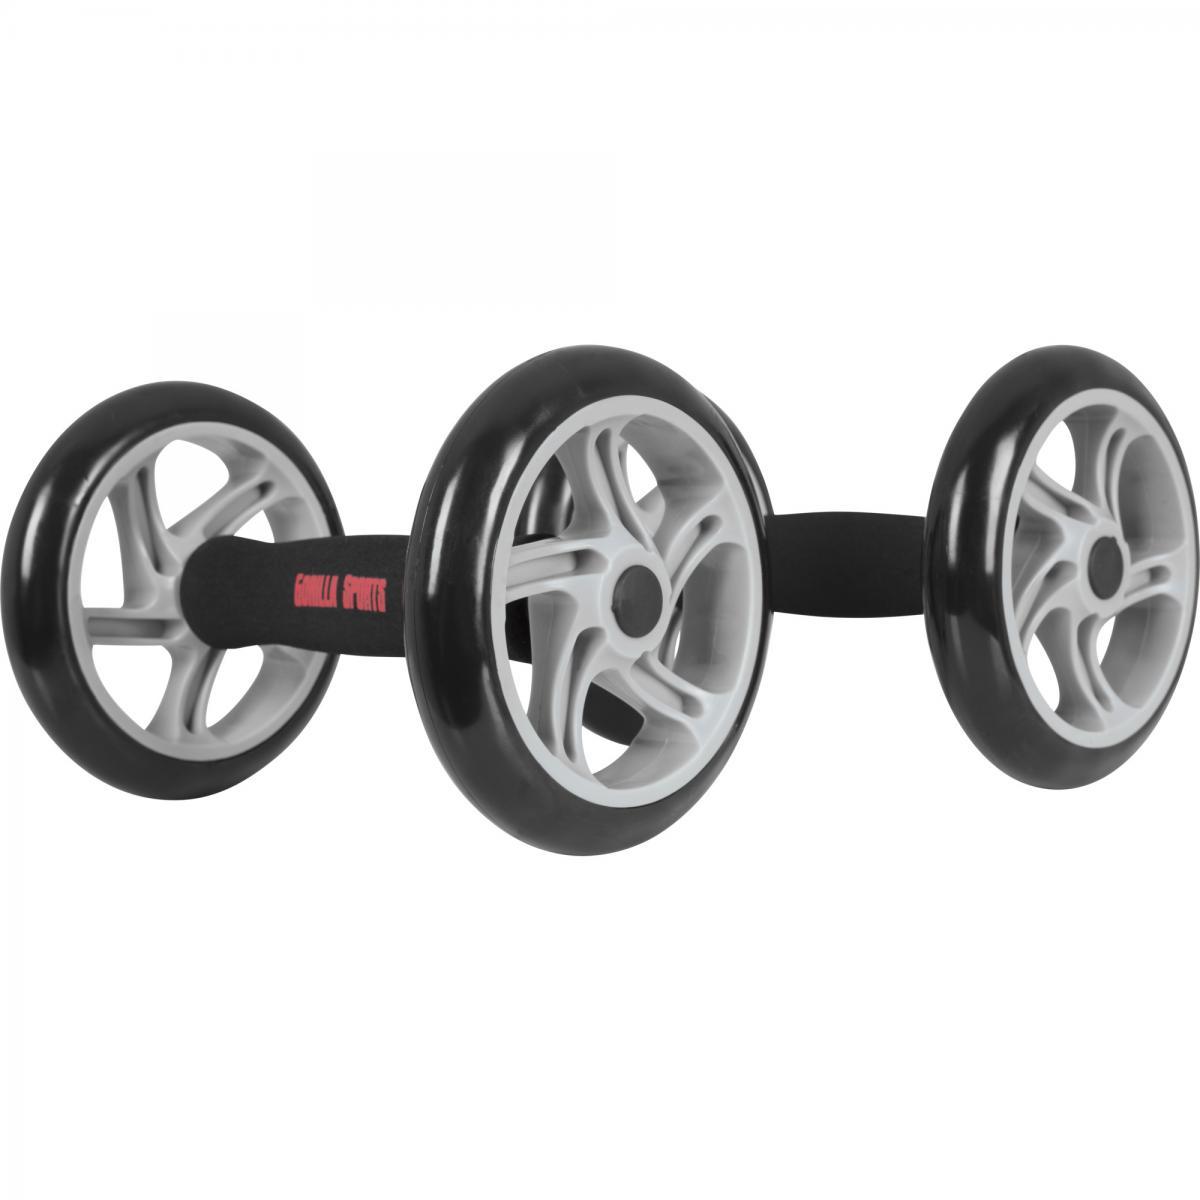 Gorilla Sports Ab Roller Set zweiteilig 100851-00019-0001